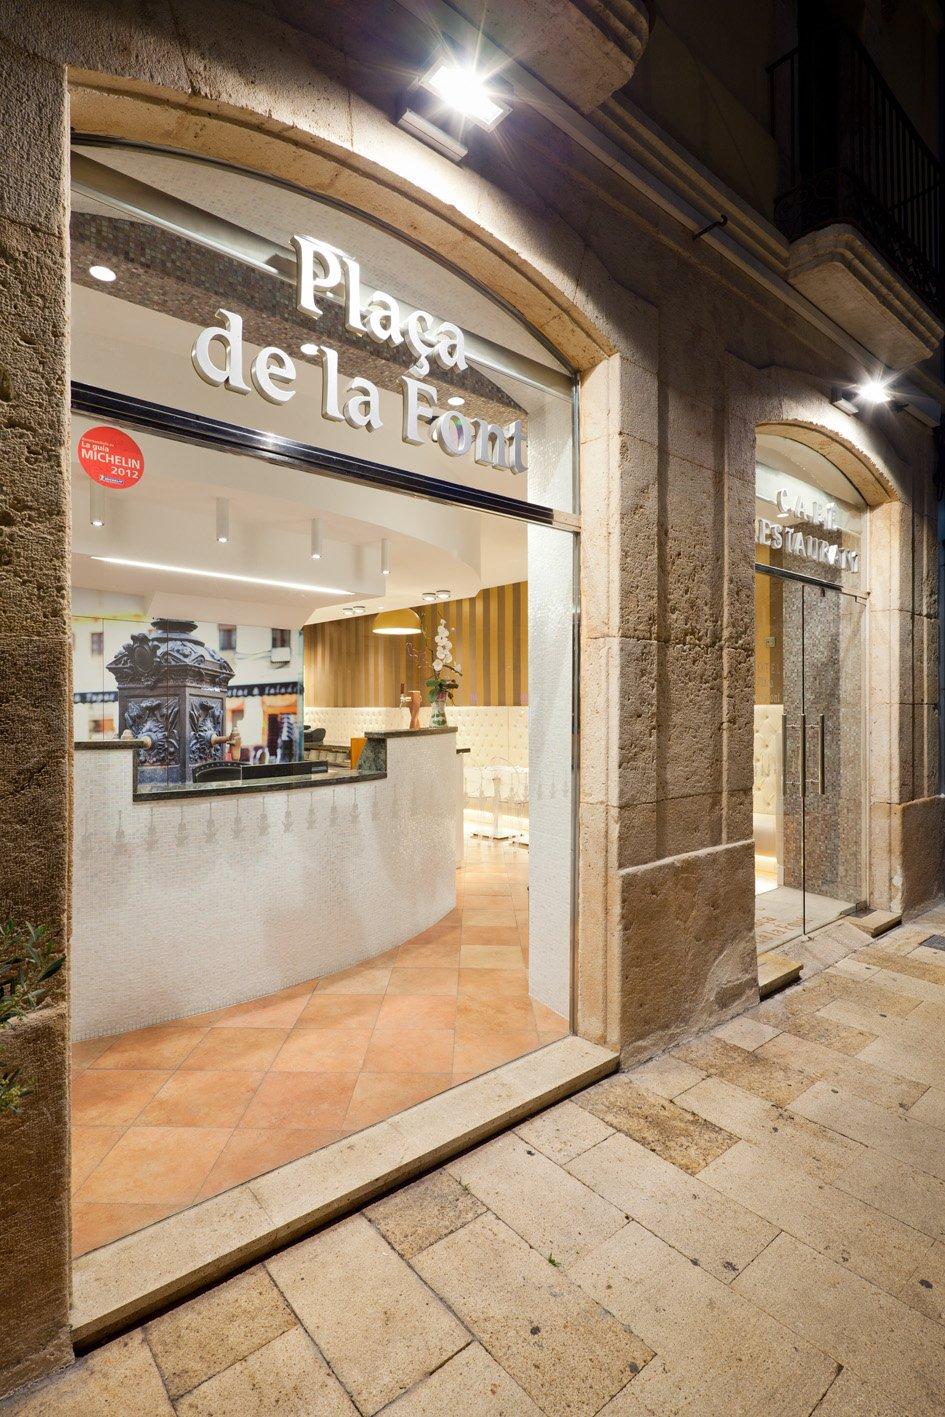 hotel_la_fontnombre_del_documento_32-2e708ae3c92075087e66df215a5aecee